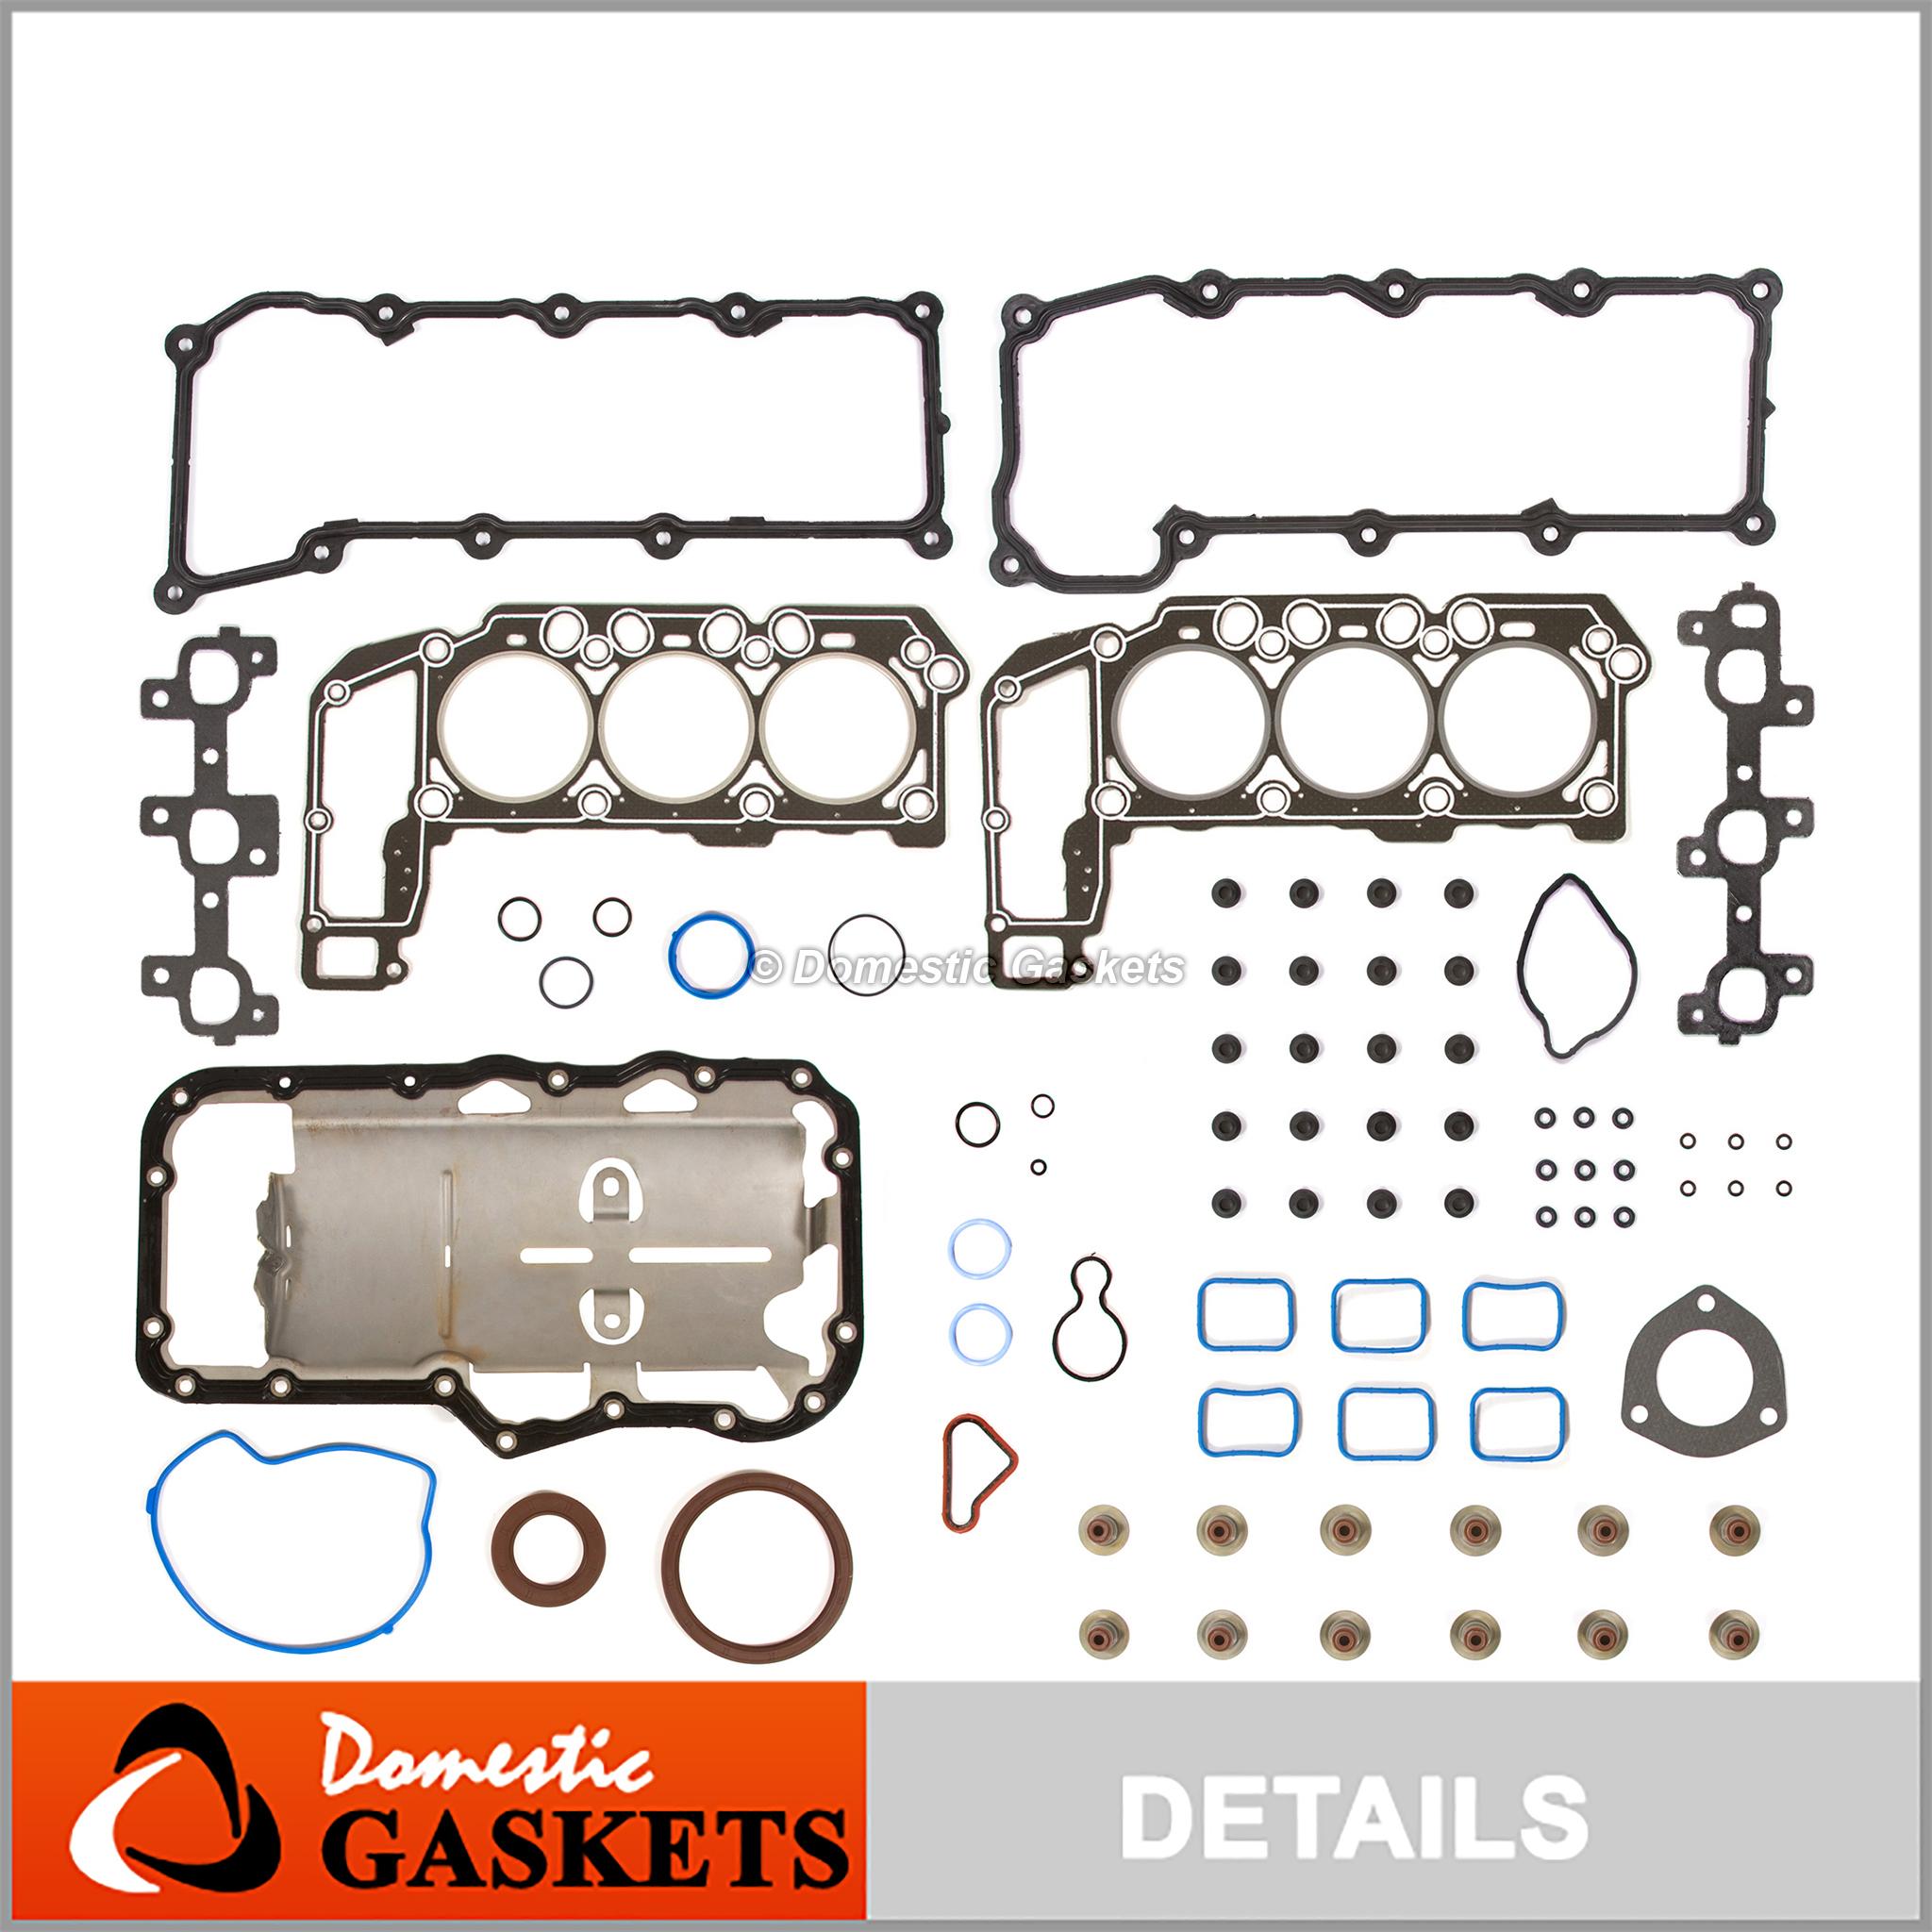 02-05 Dodge Ram Durango Dakota Jeep Liberty 3.7L SOHC Graphite Re-Ring Kit VIN K